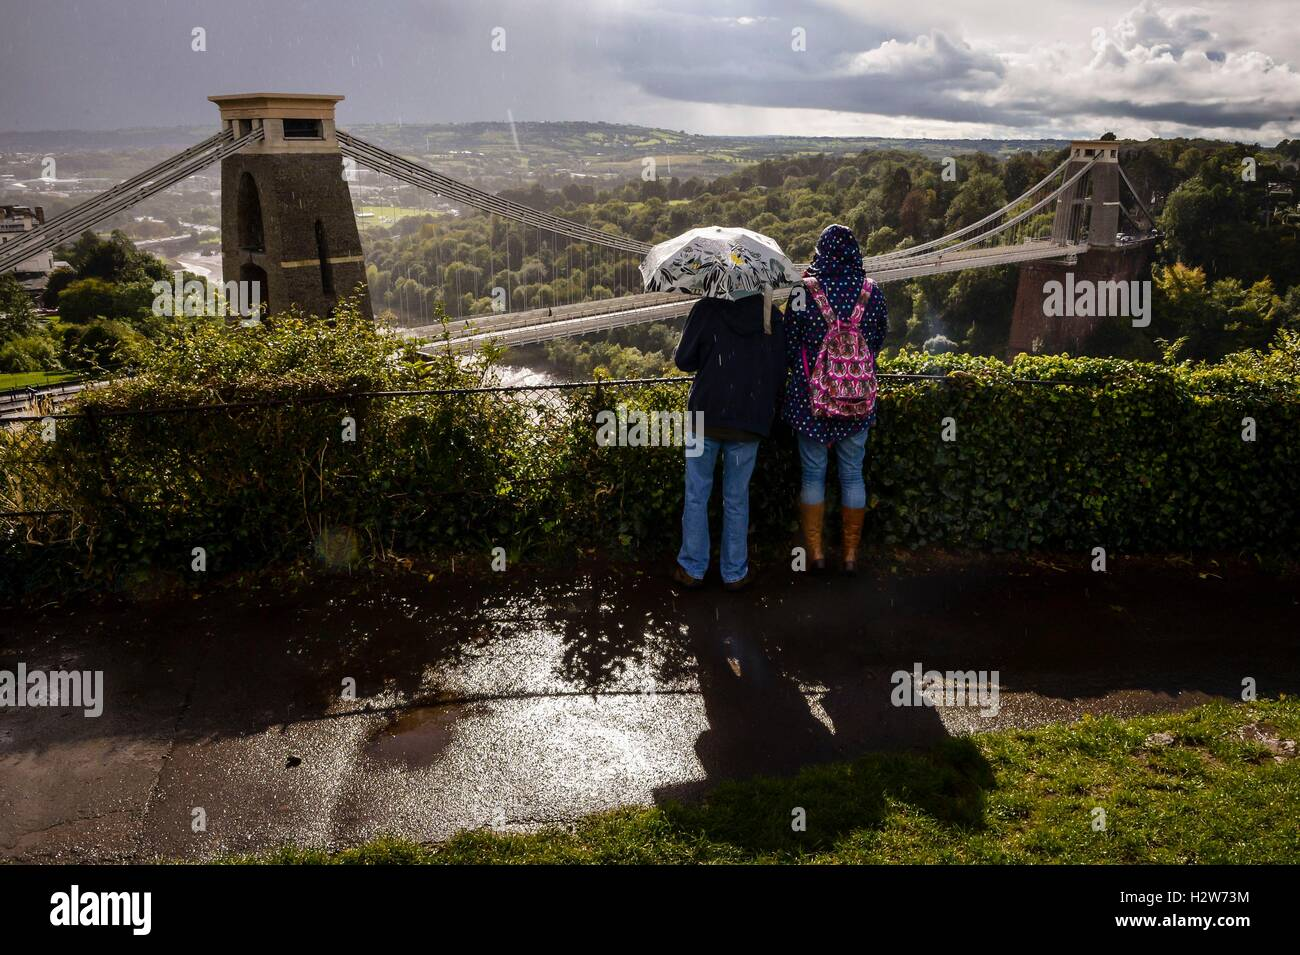 Les gens donnent sur le pont suspendu de Clifton près de Bristol dans Heavy Rain. Banque D'Images